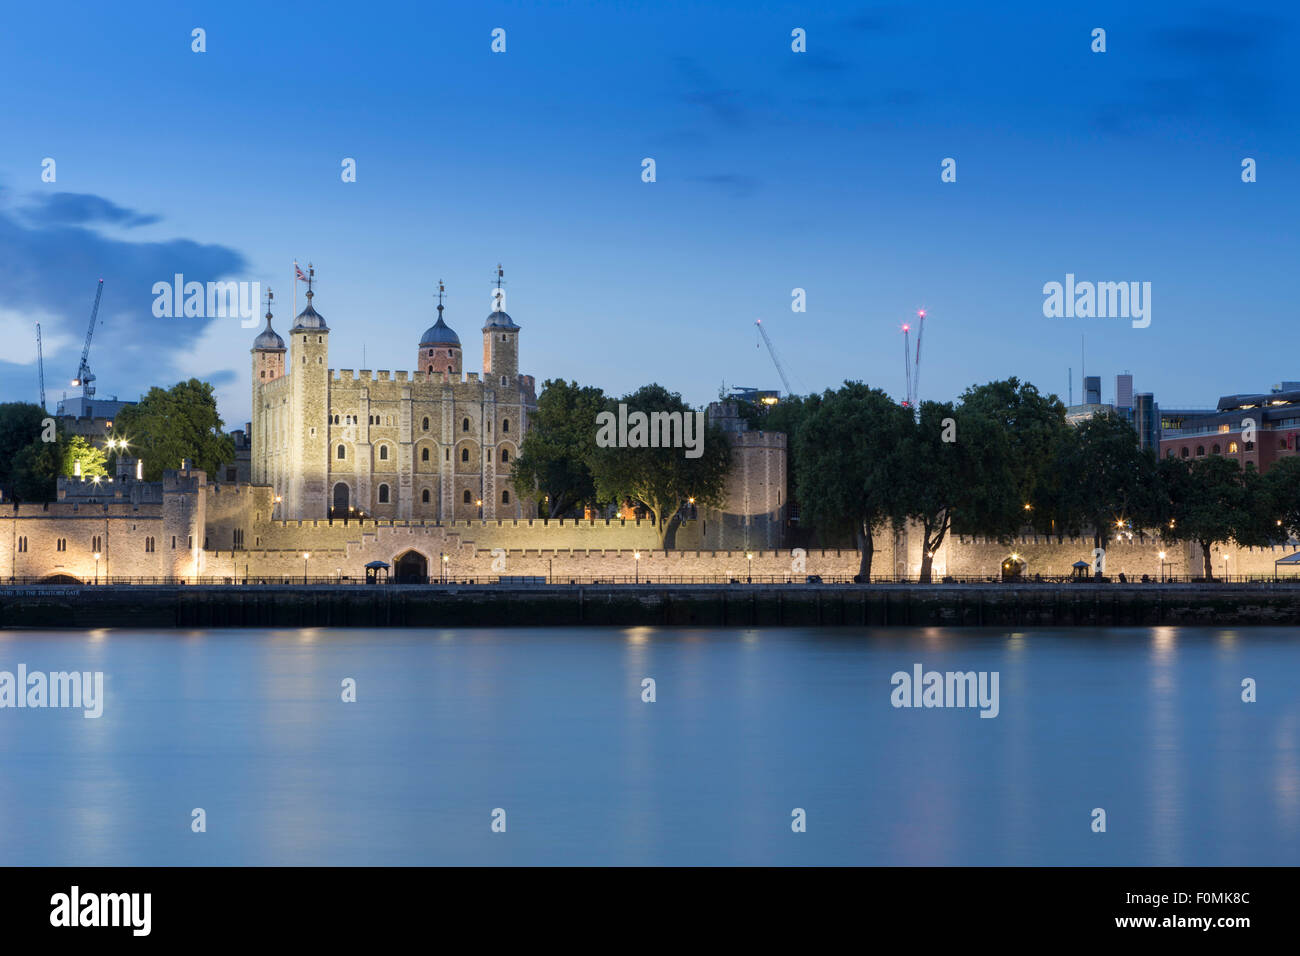 La Torre de Londres, Londres castillo medieval, el palacio real y la prisión en Londres, Inglaterra Foto de stock